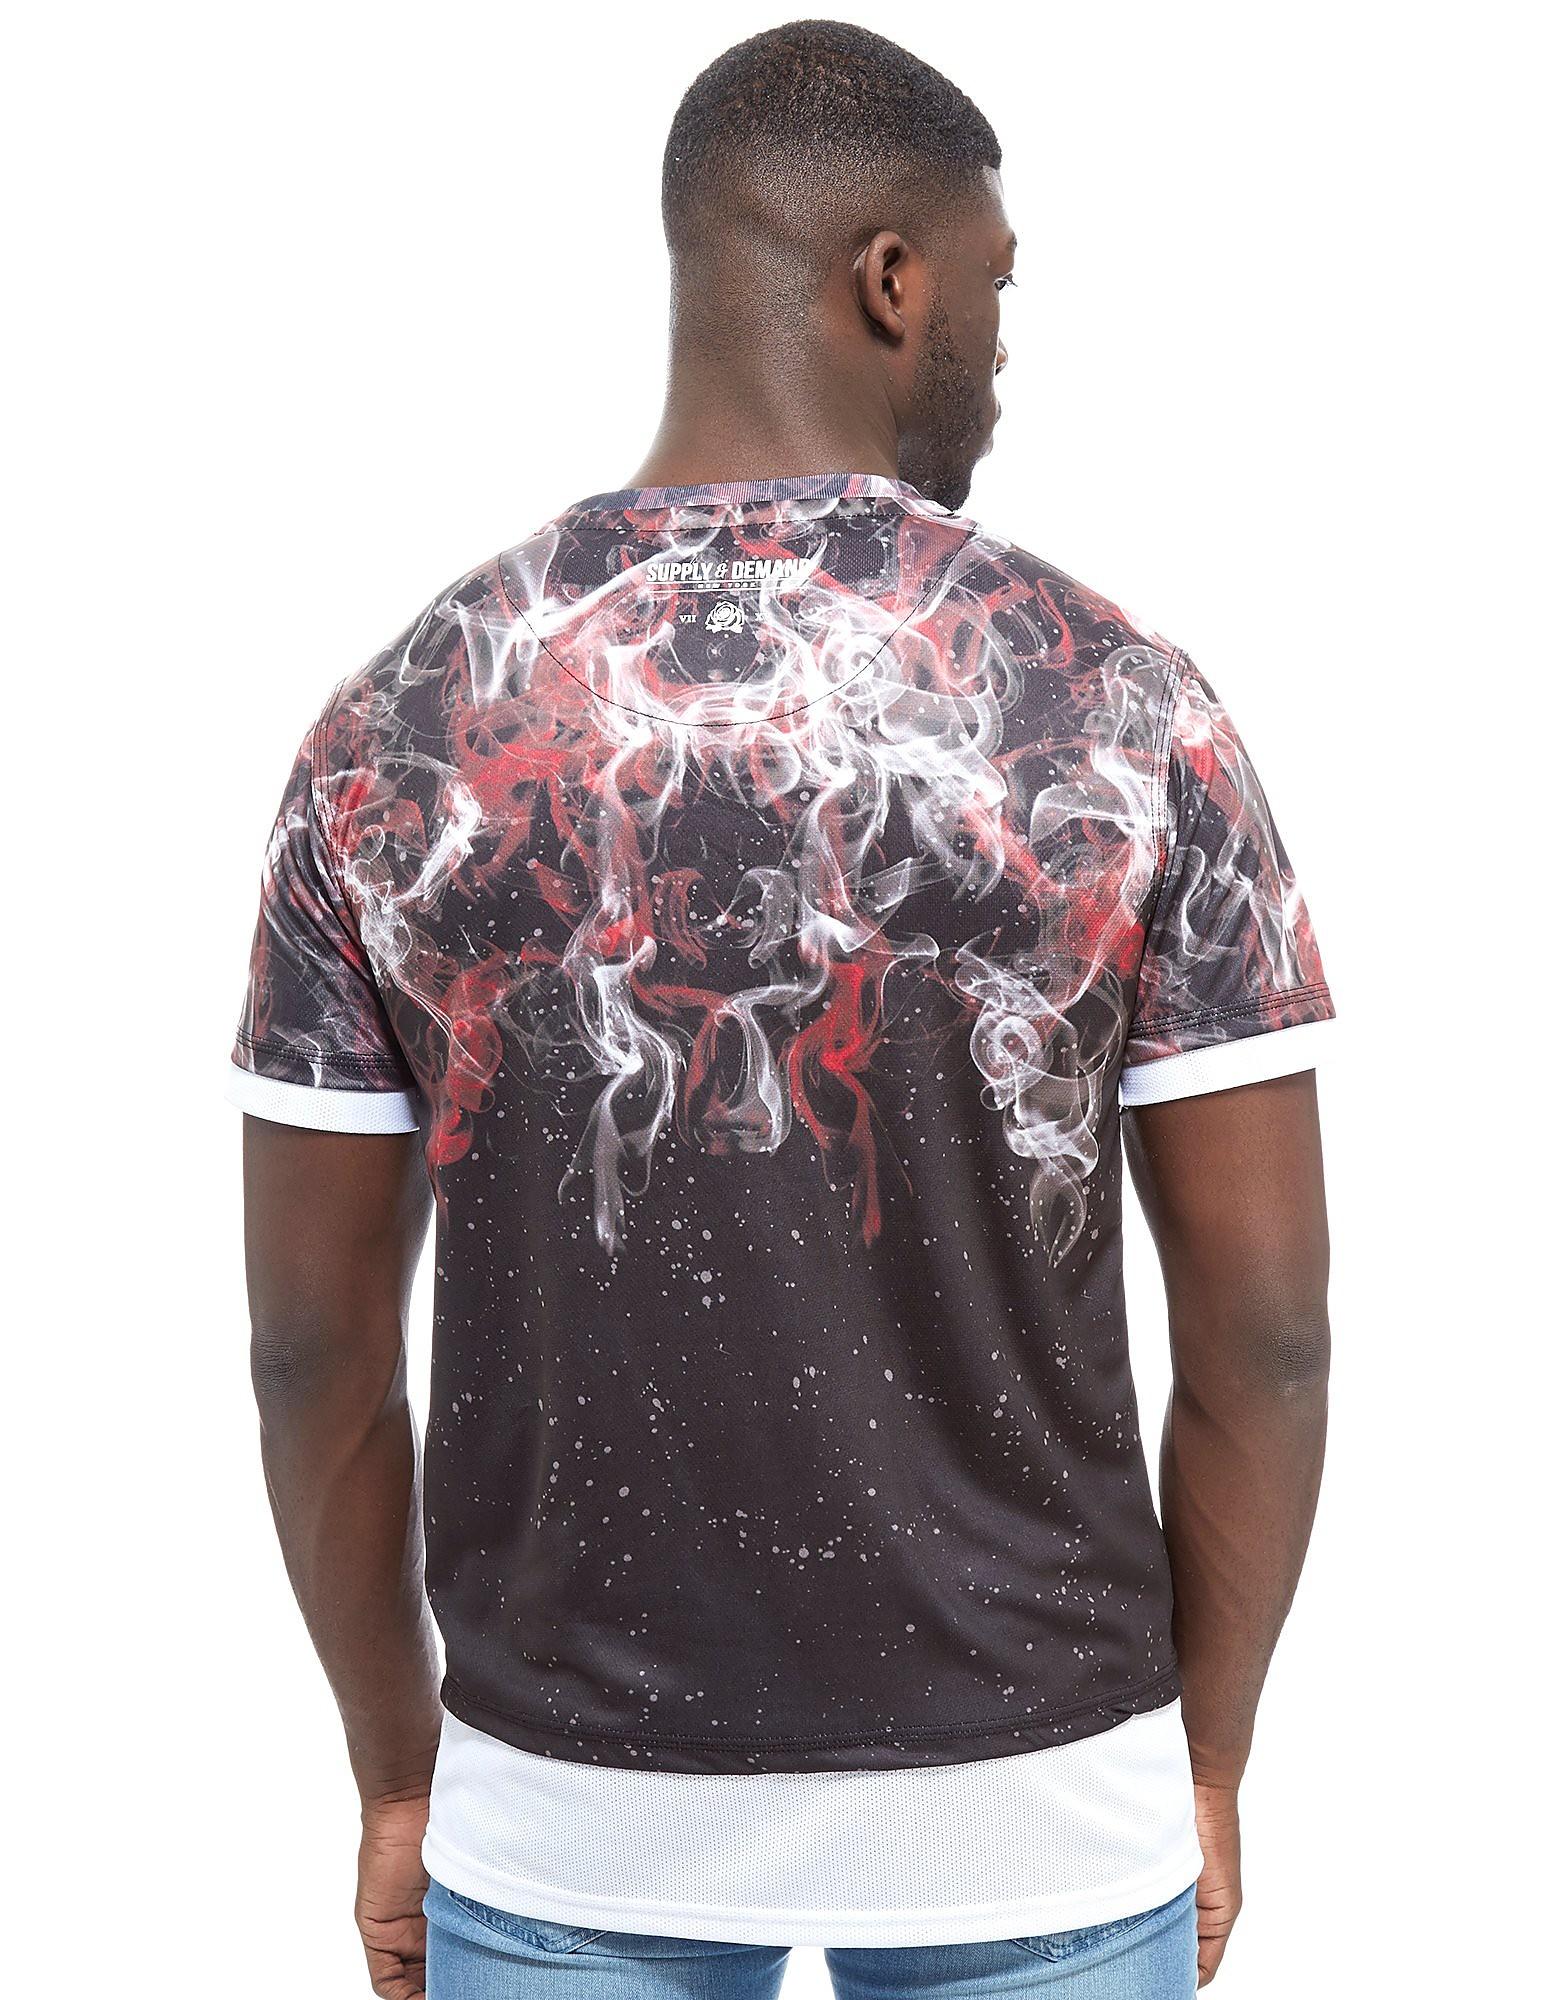 Supply & Demand Descent T-Shirt